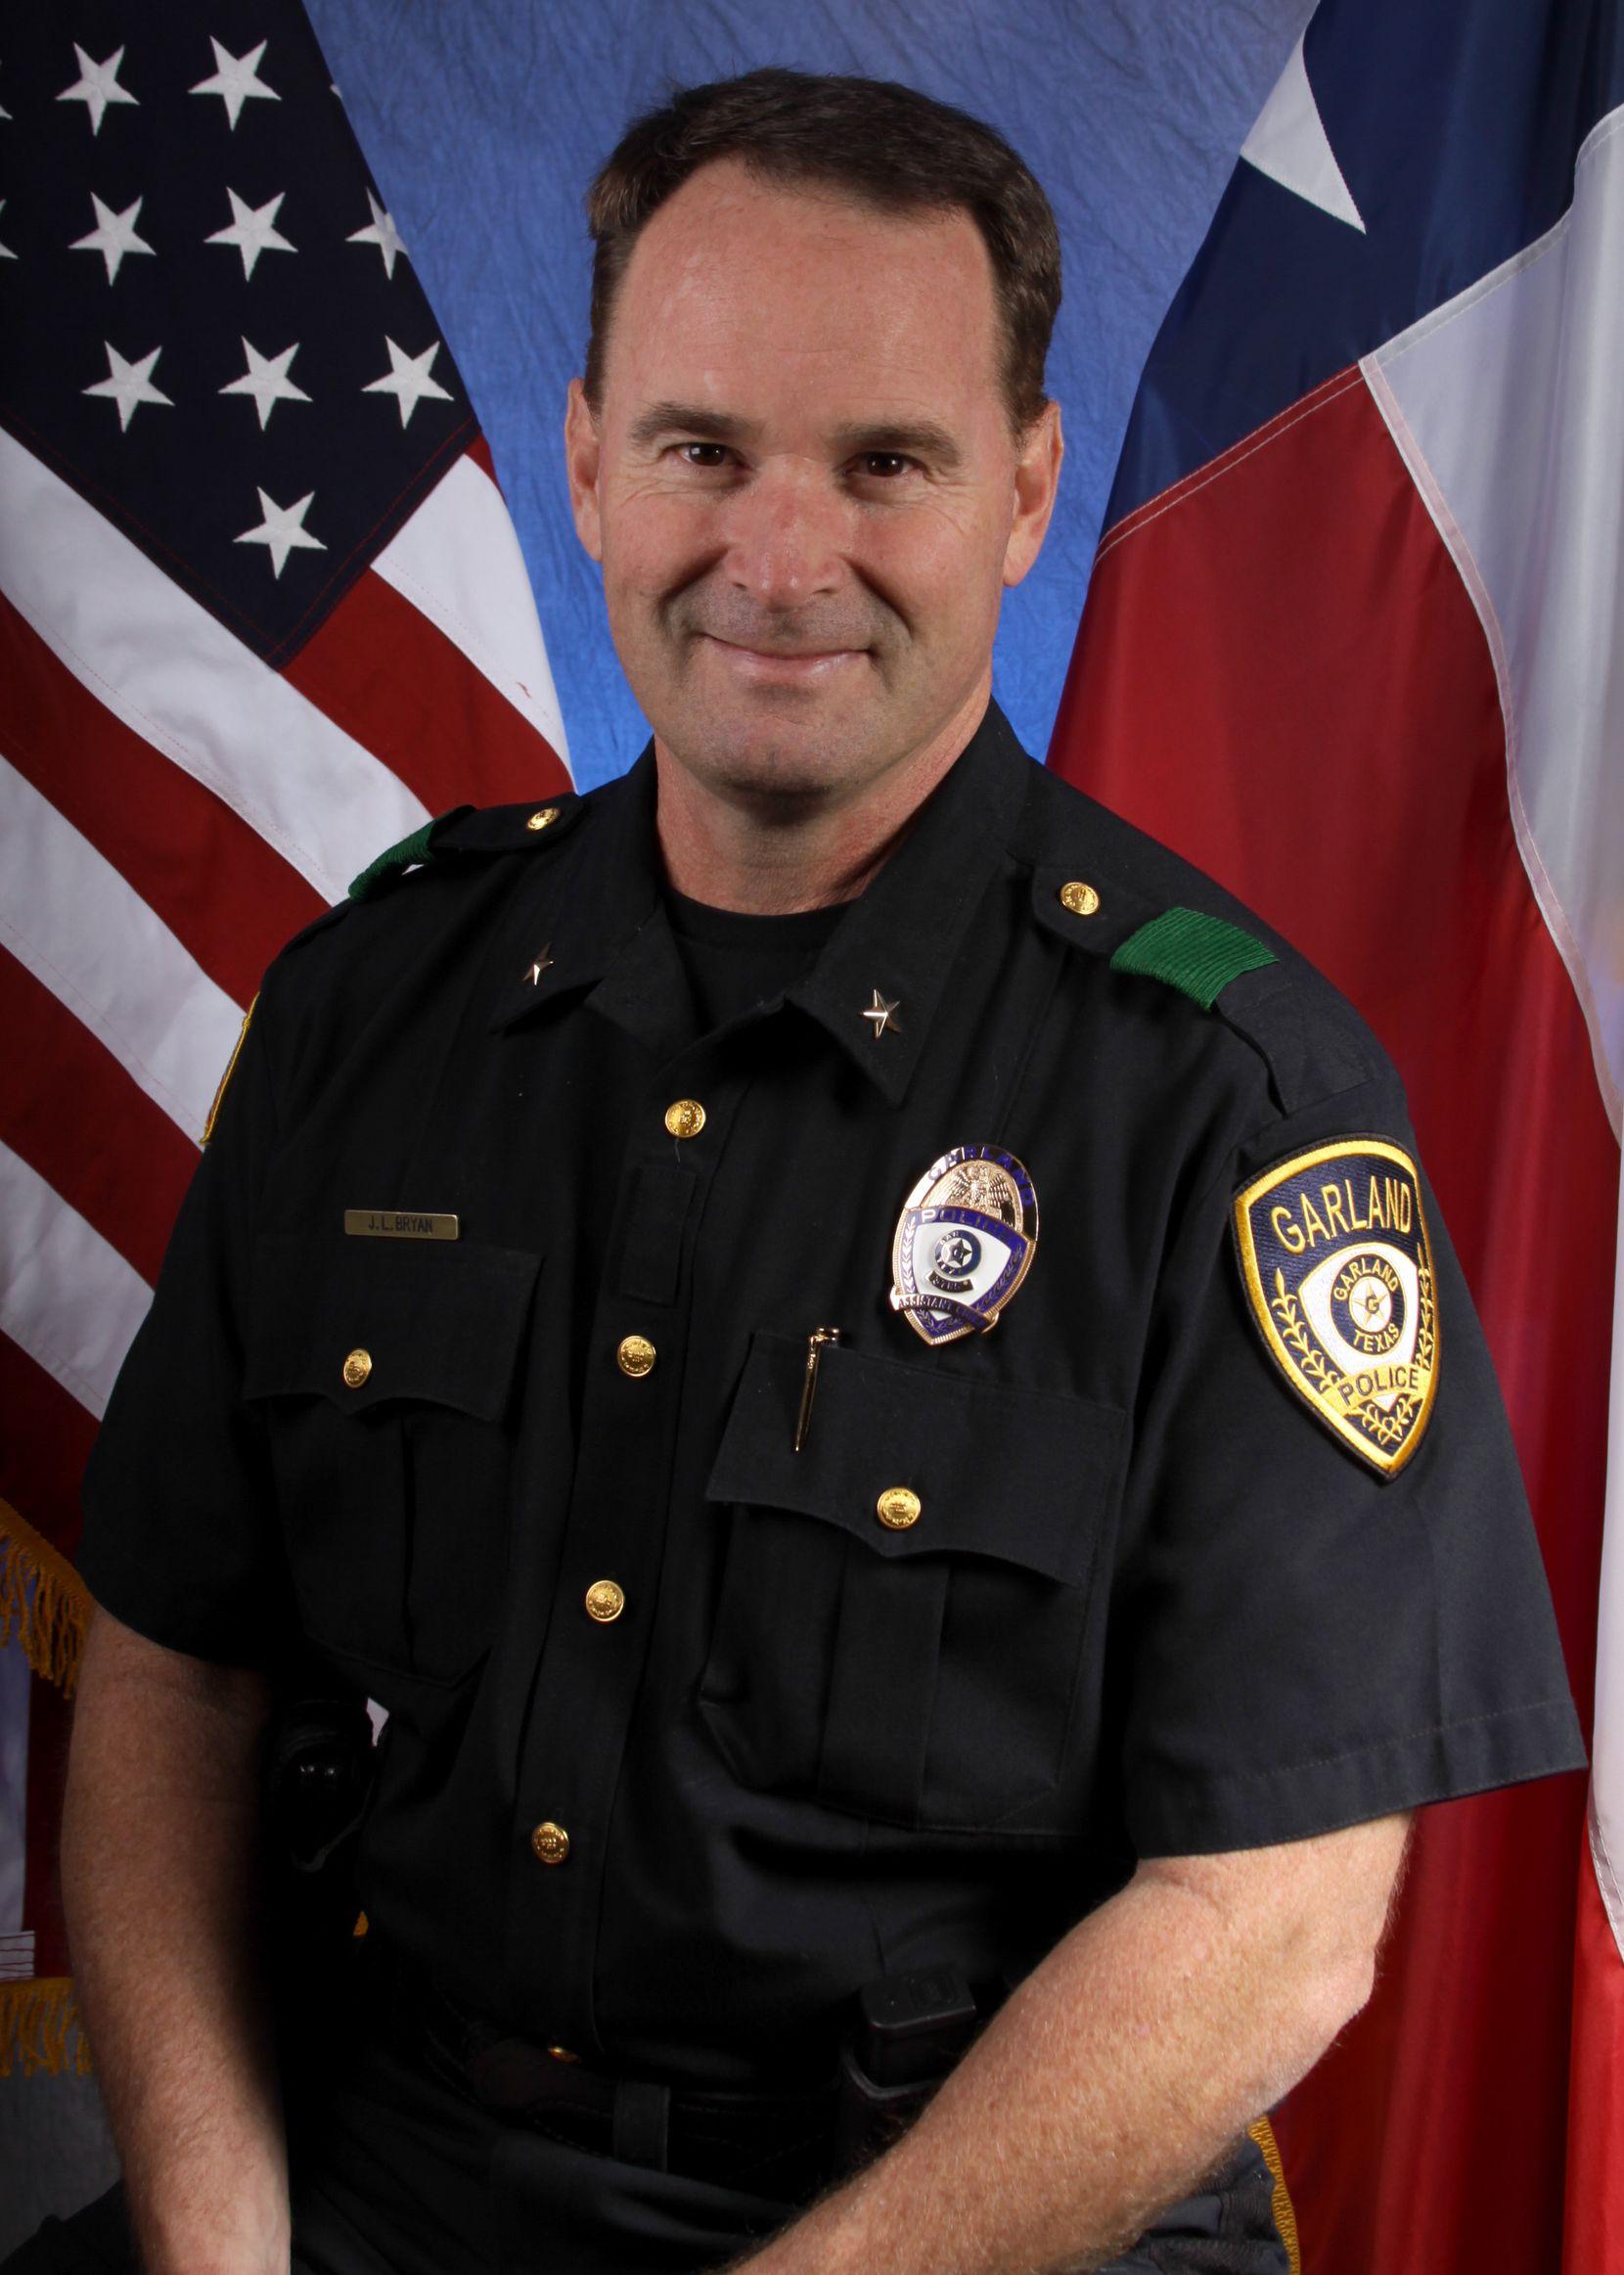 Jeff Bryan, subjefe de la policía de Garland, ha sido parte del departamento de policía de Garland por los últimos 22 años. (Cortesía: City of Garland)